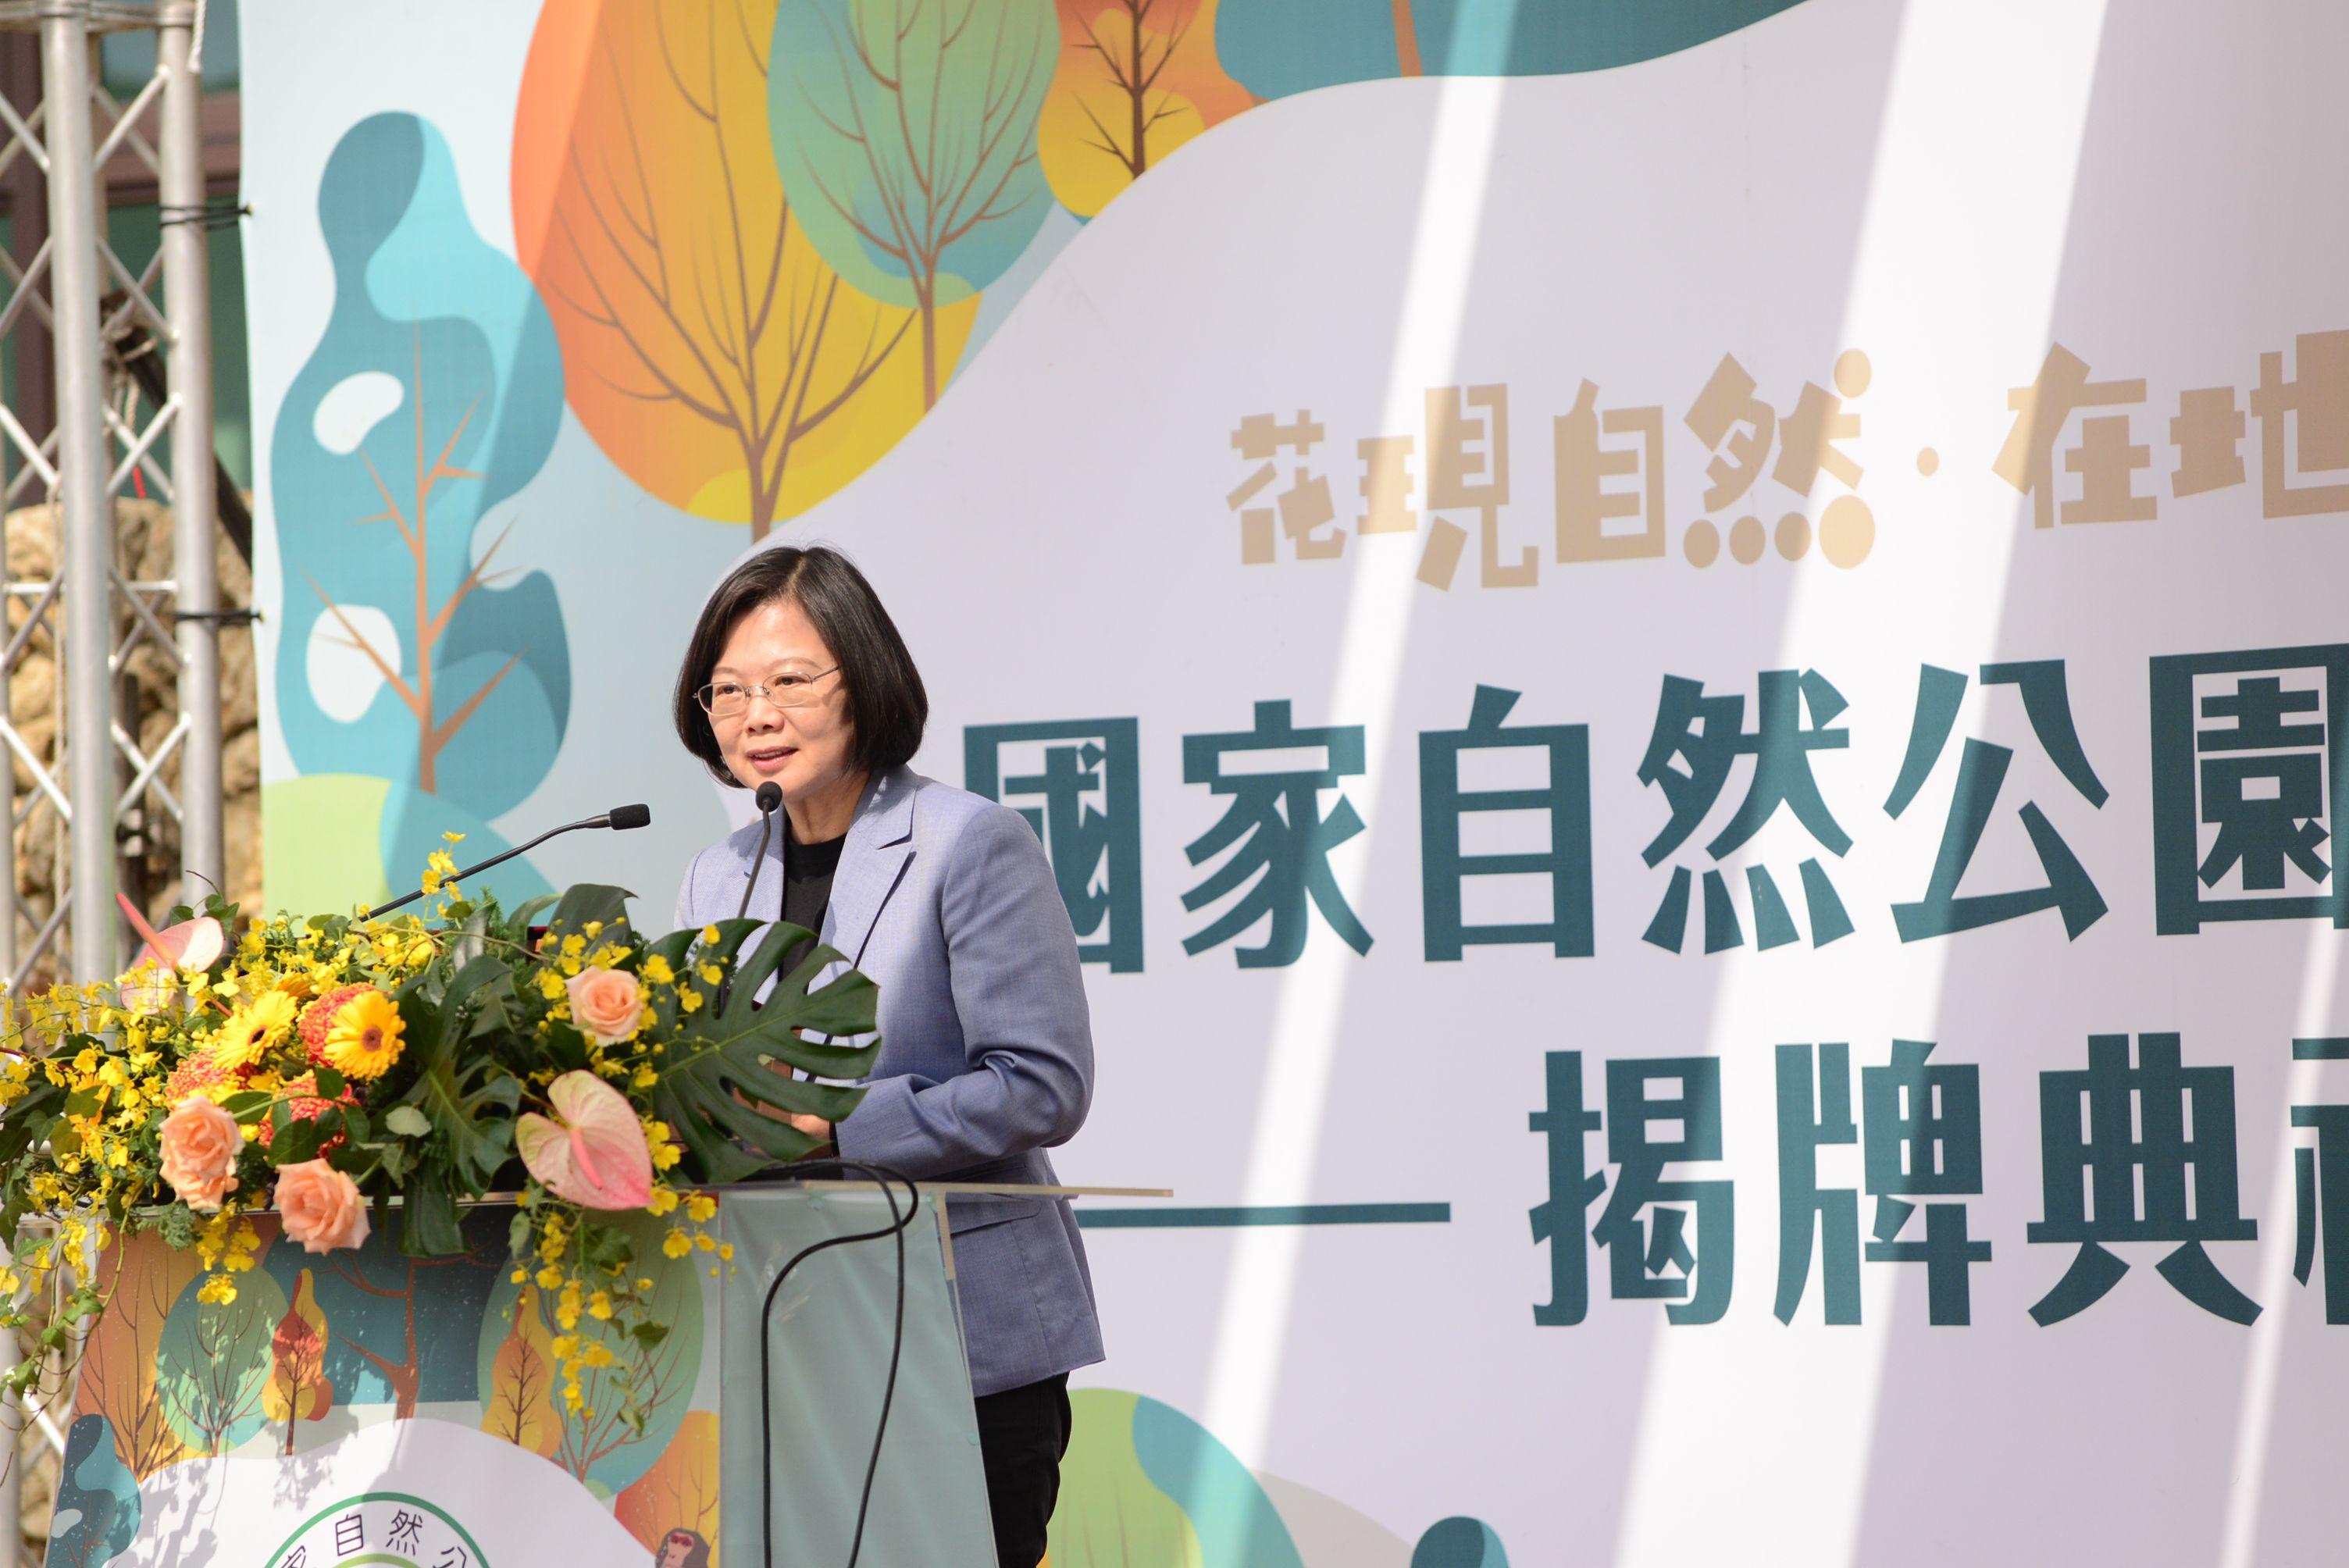 蔡總統出席活動與致詞